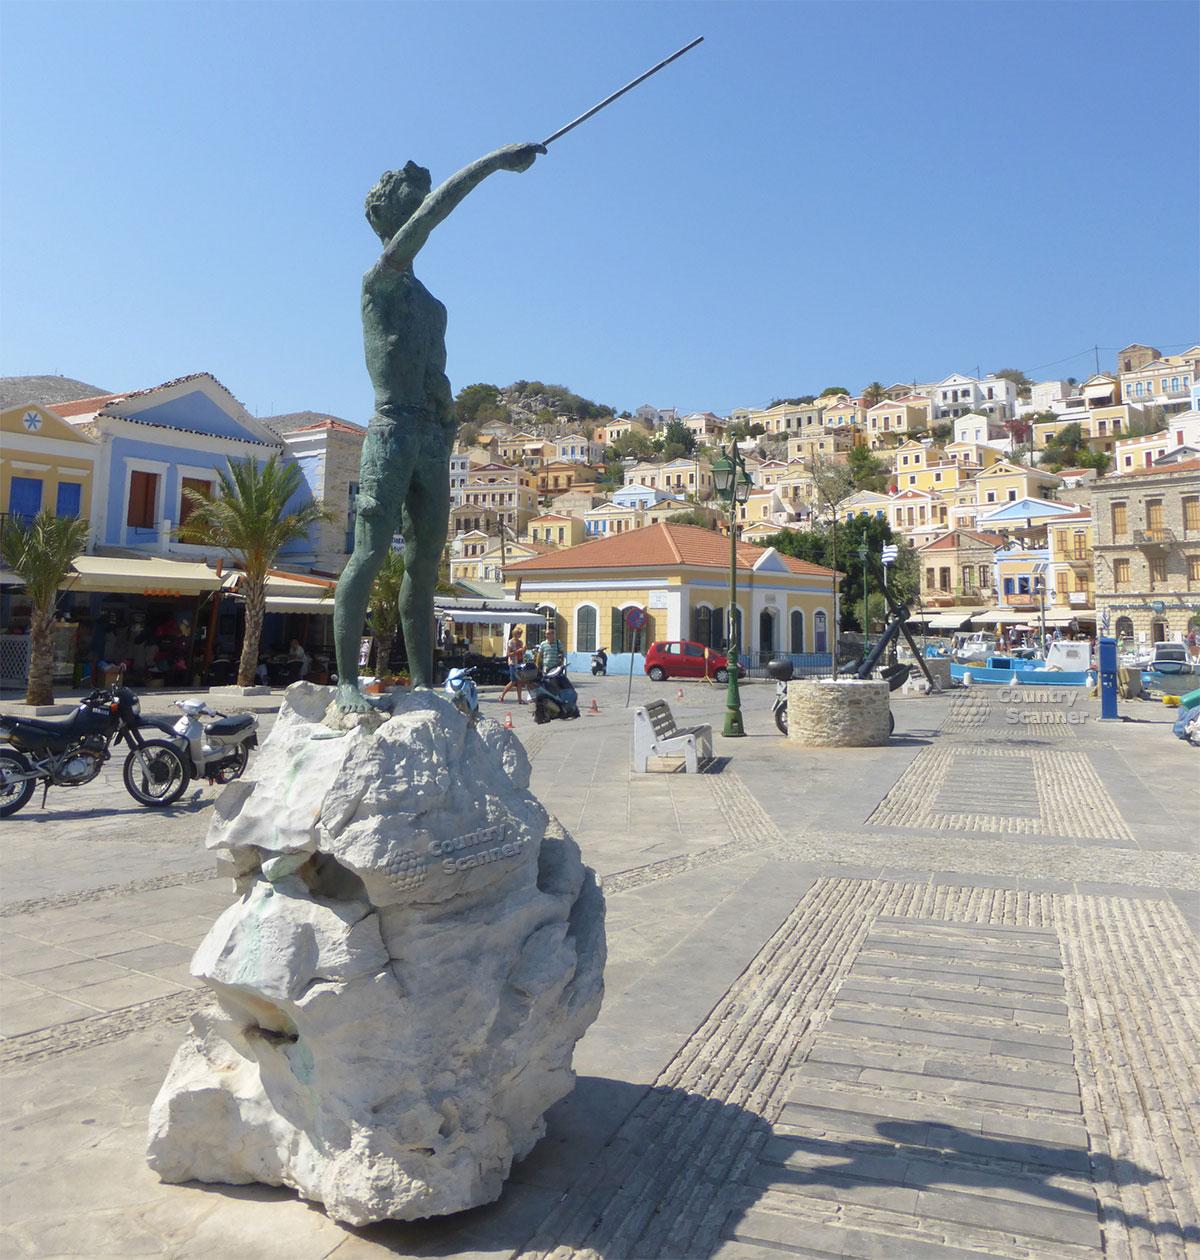 Греческий остров Сими. Бронзовый пямятник со шпагой на камне.